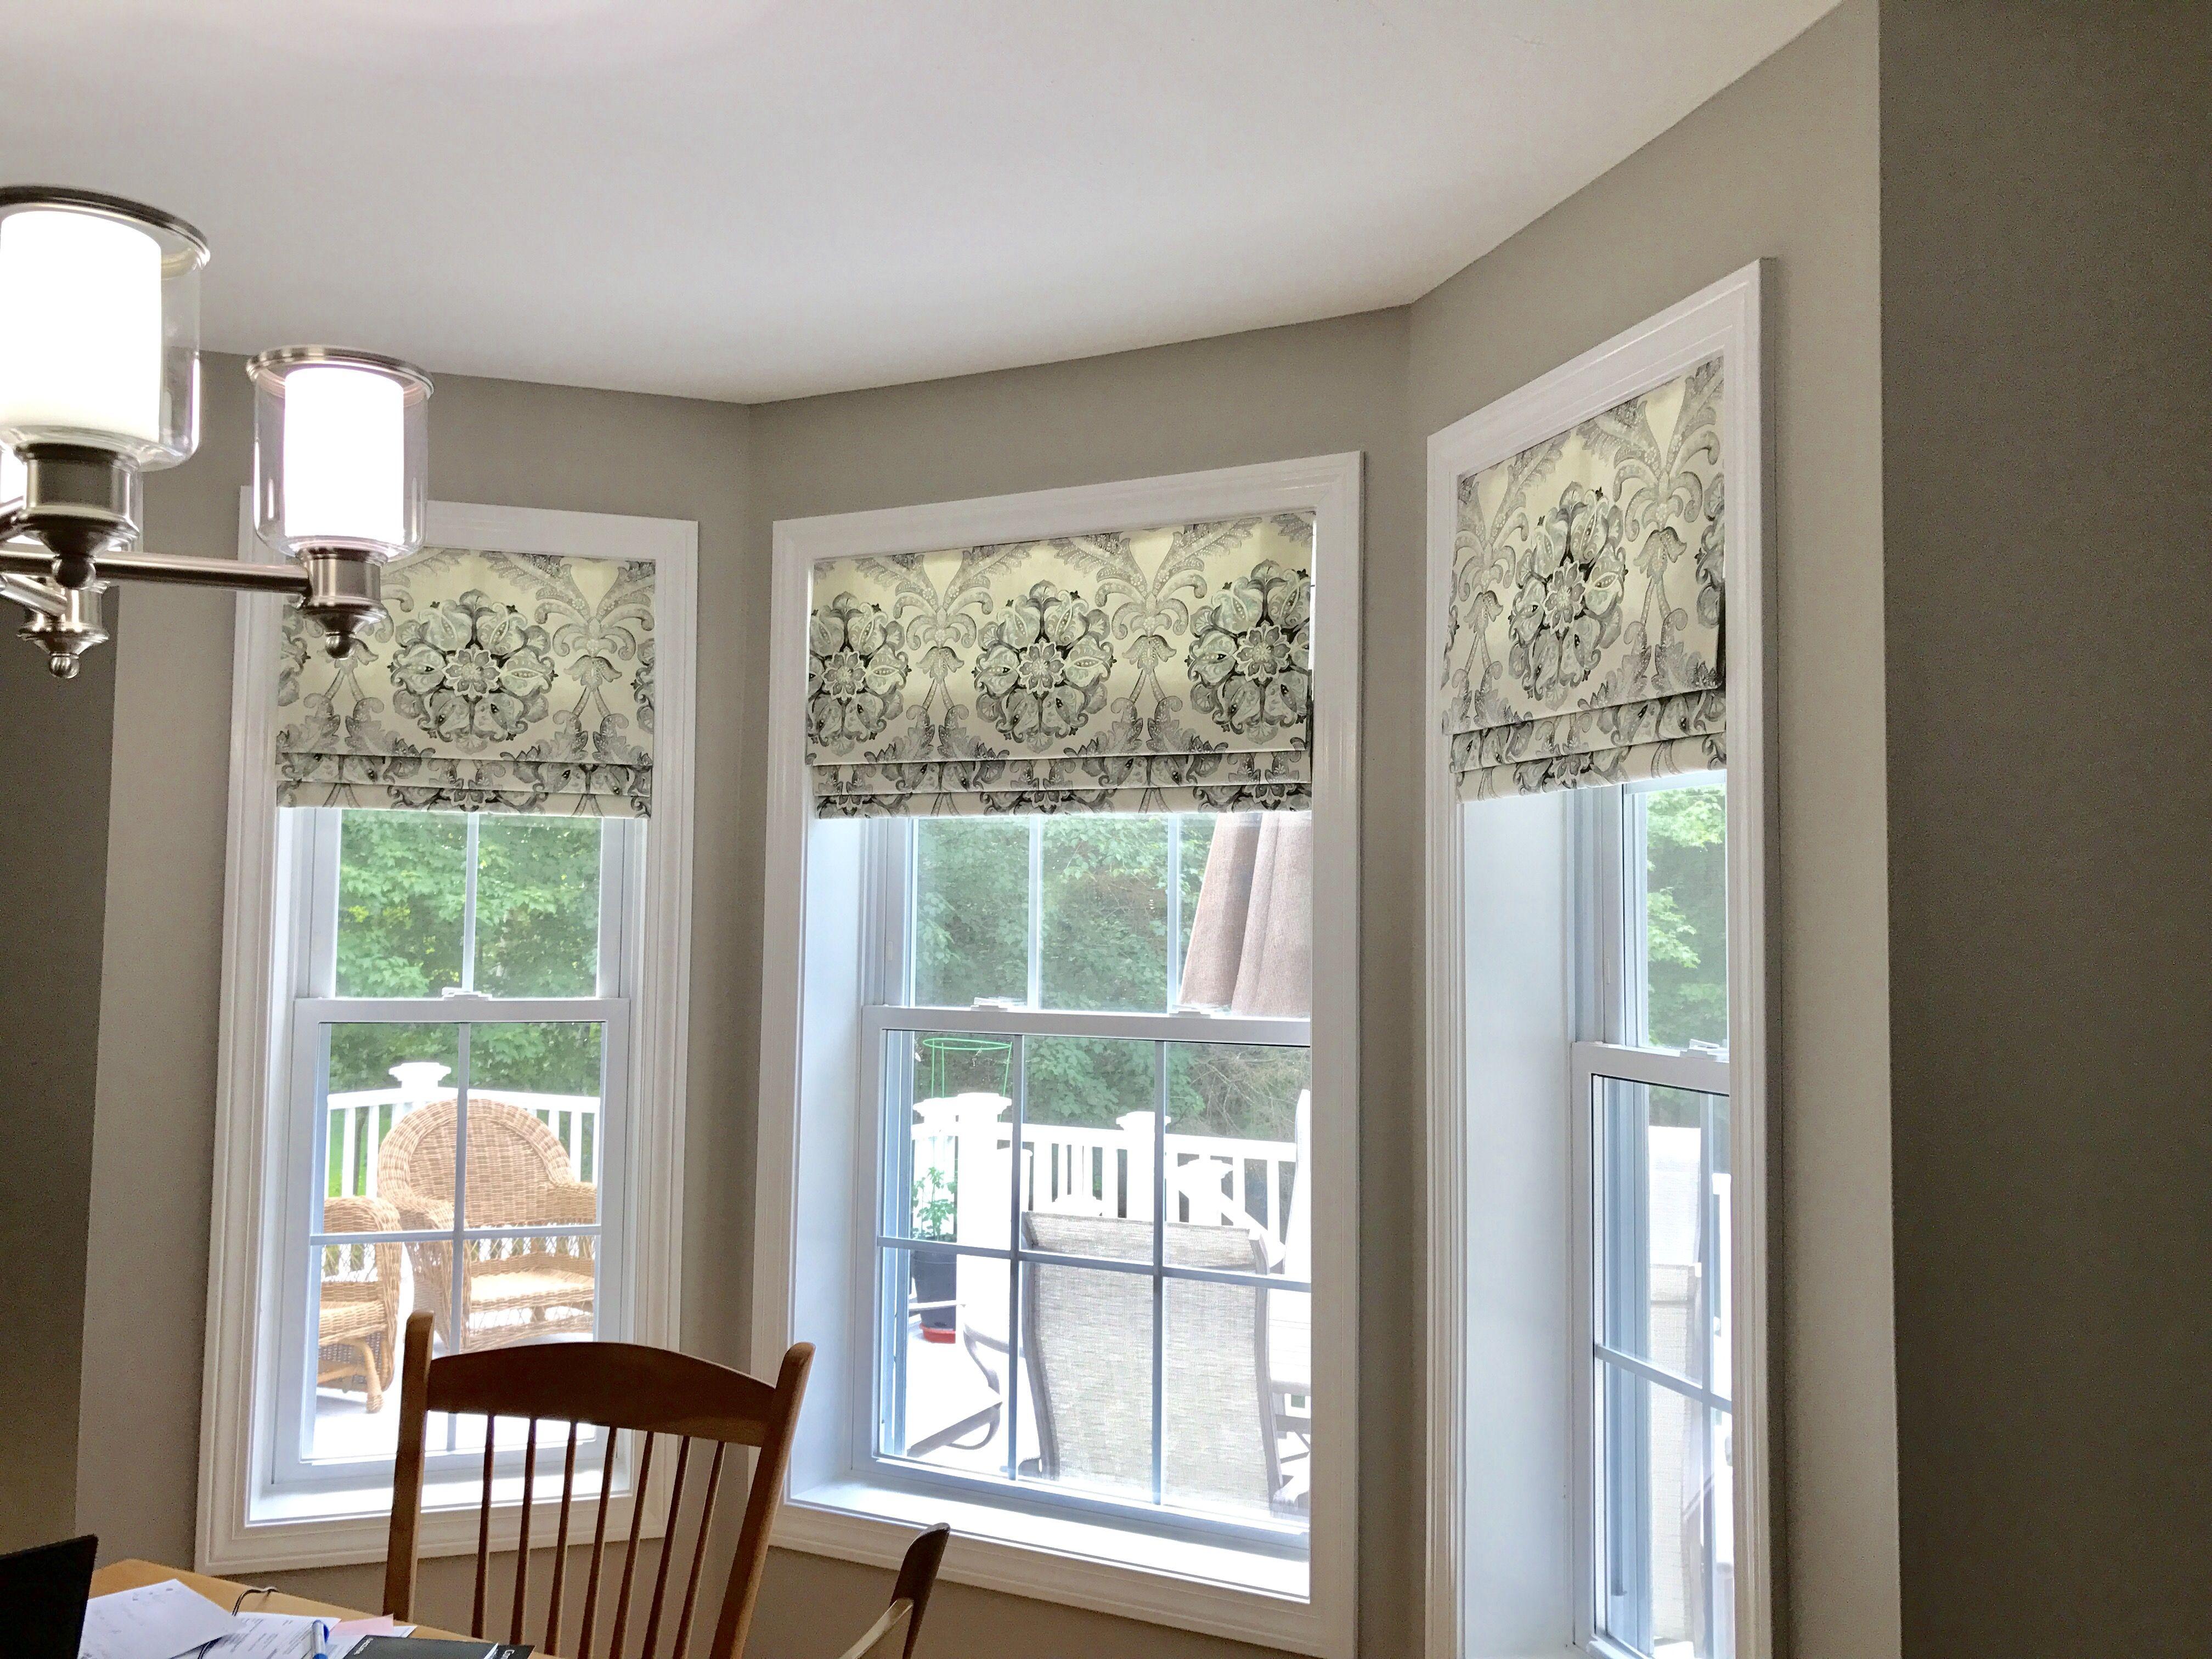 Mock Roman Shades In Bay Window Window Treatment Styles Bay